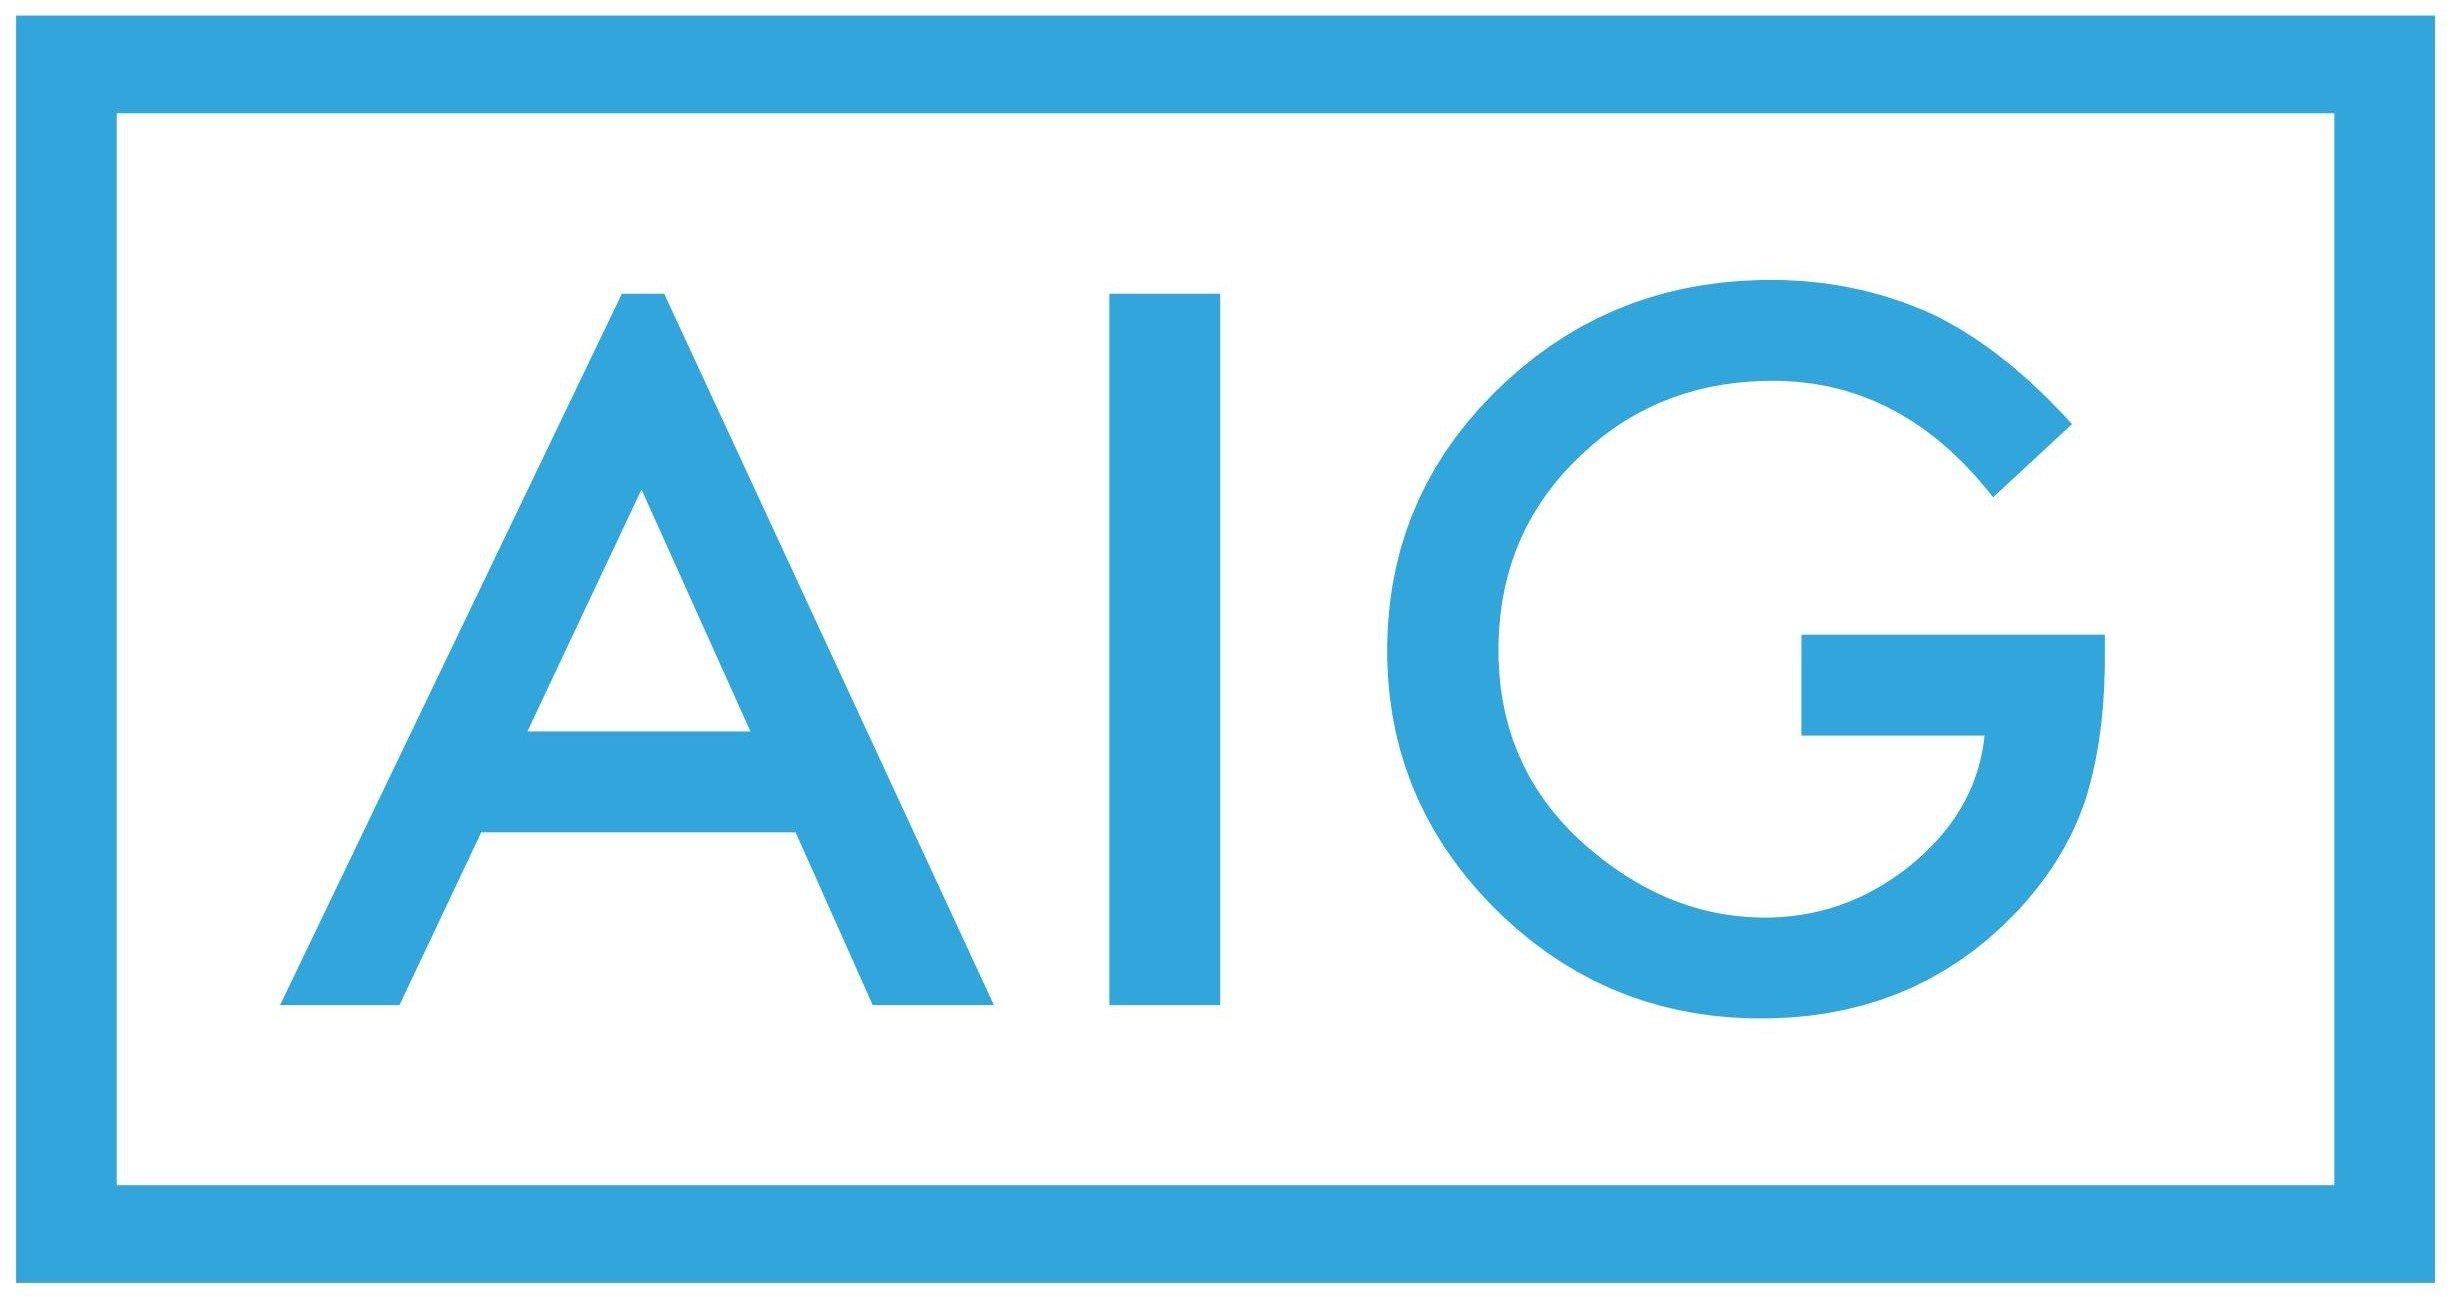 Aig_logo.jpg